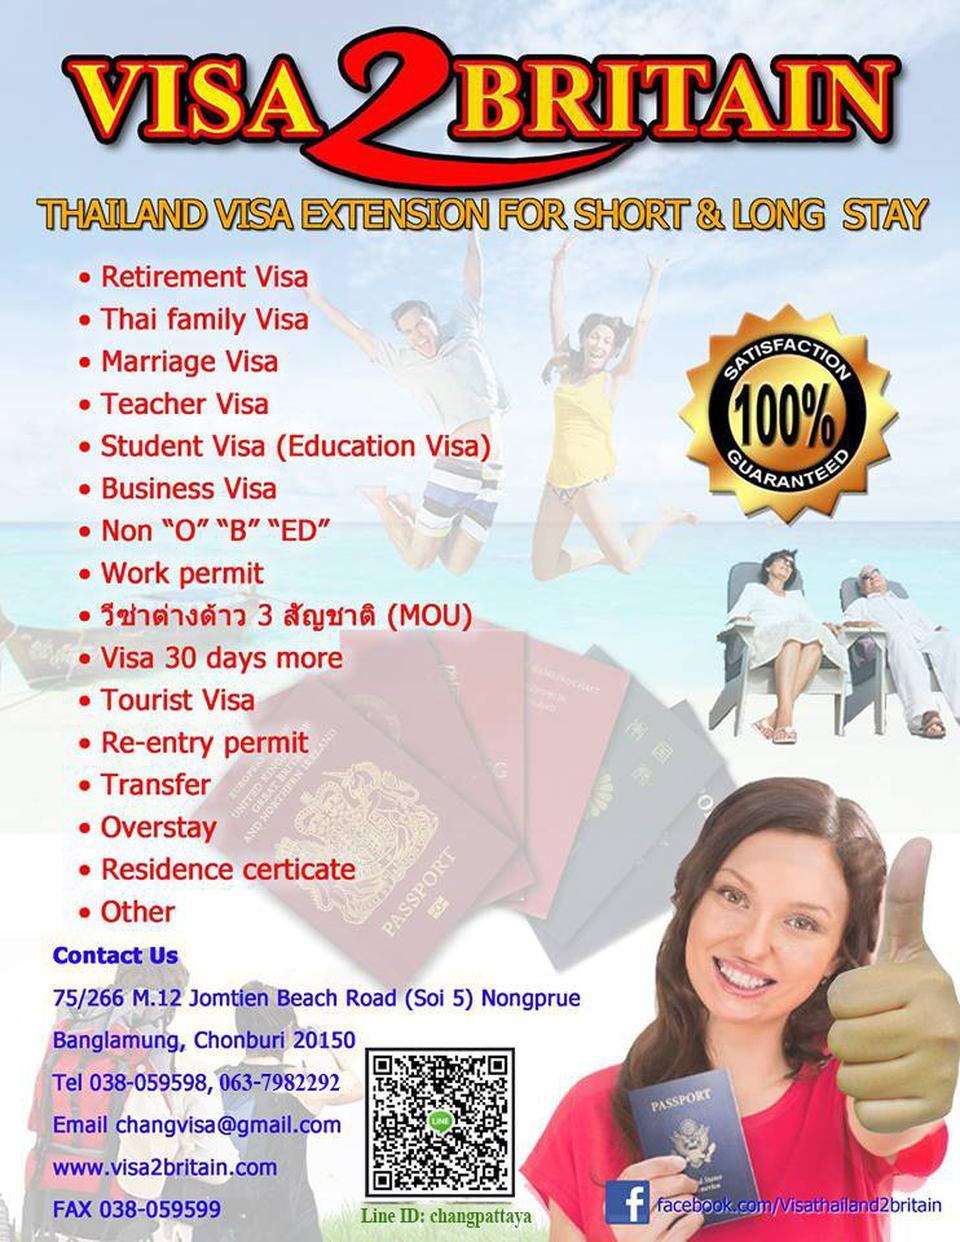 รับปรึกษาและให้บริการด้านวีซ่าทั้งในไทยและทั่วโลก รูปที่ 1